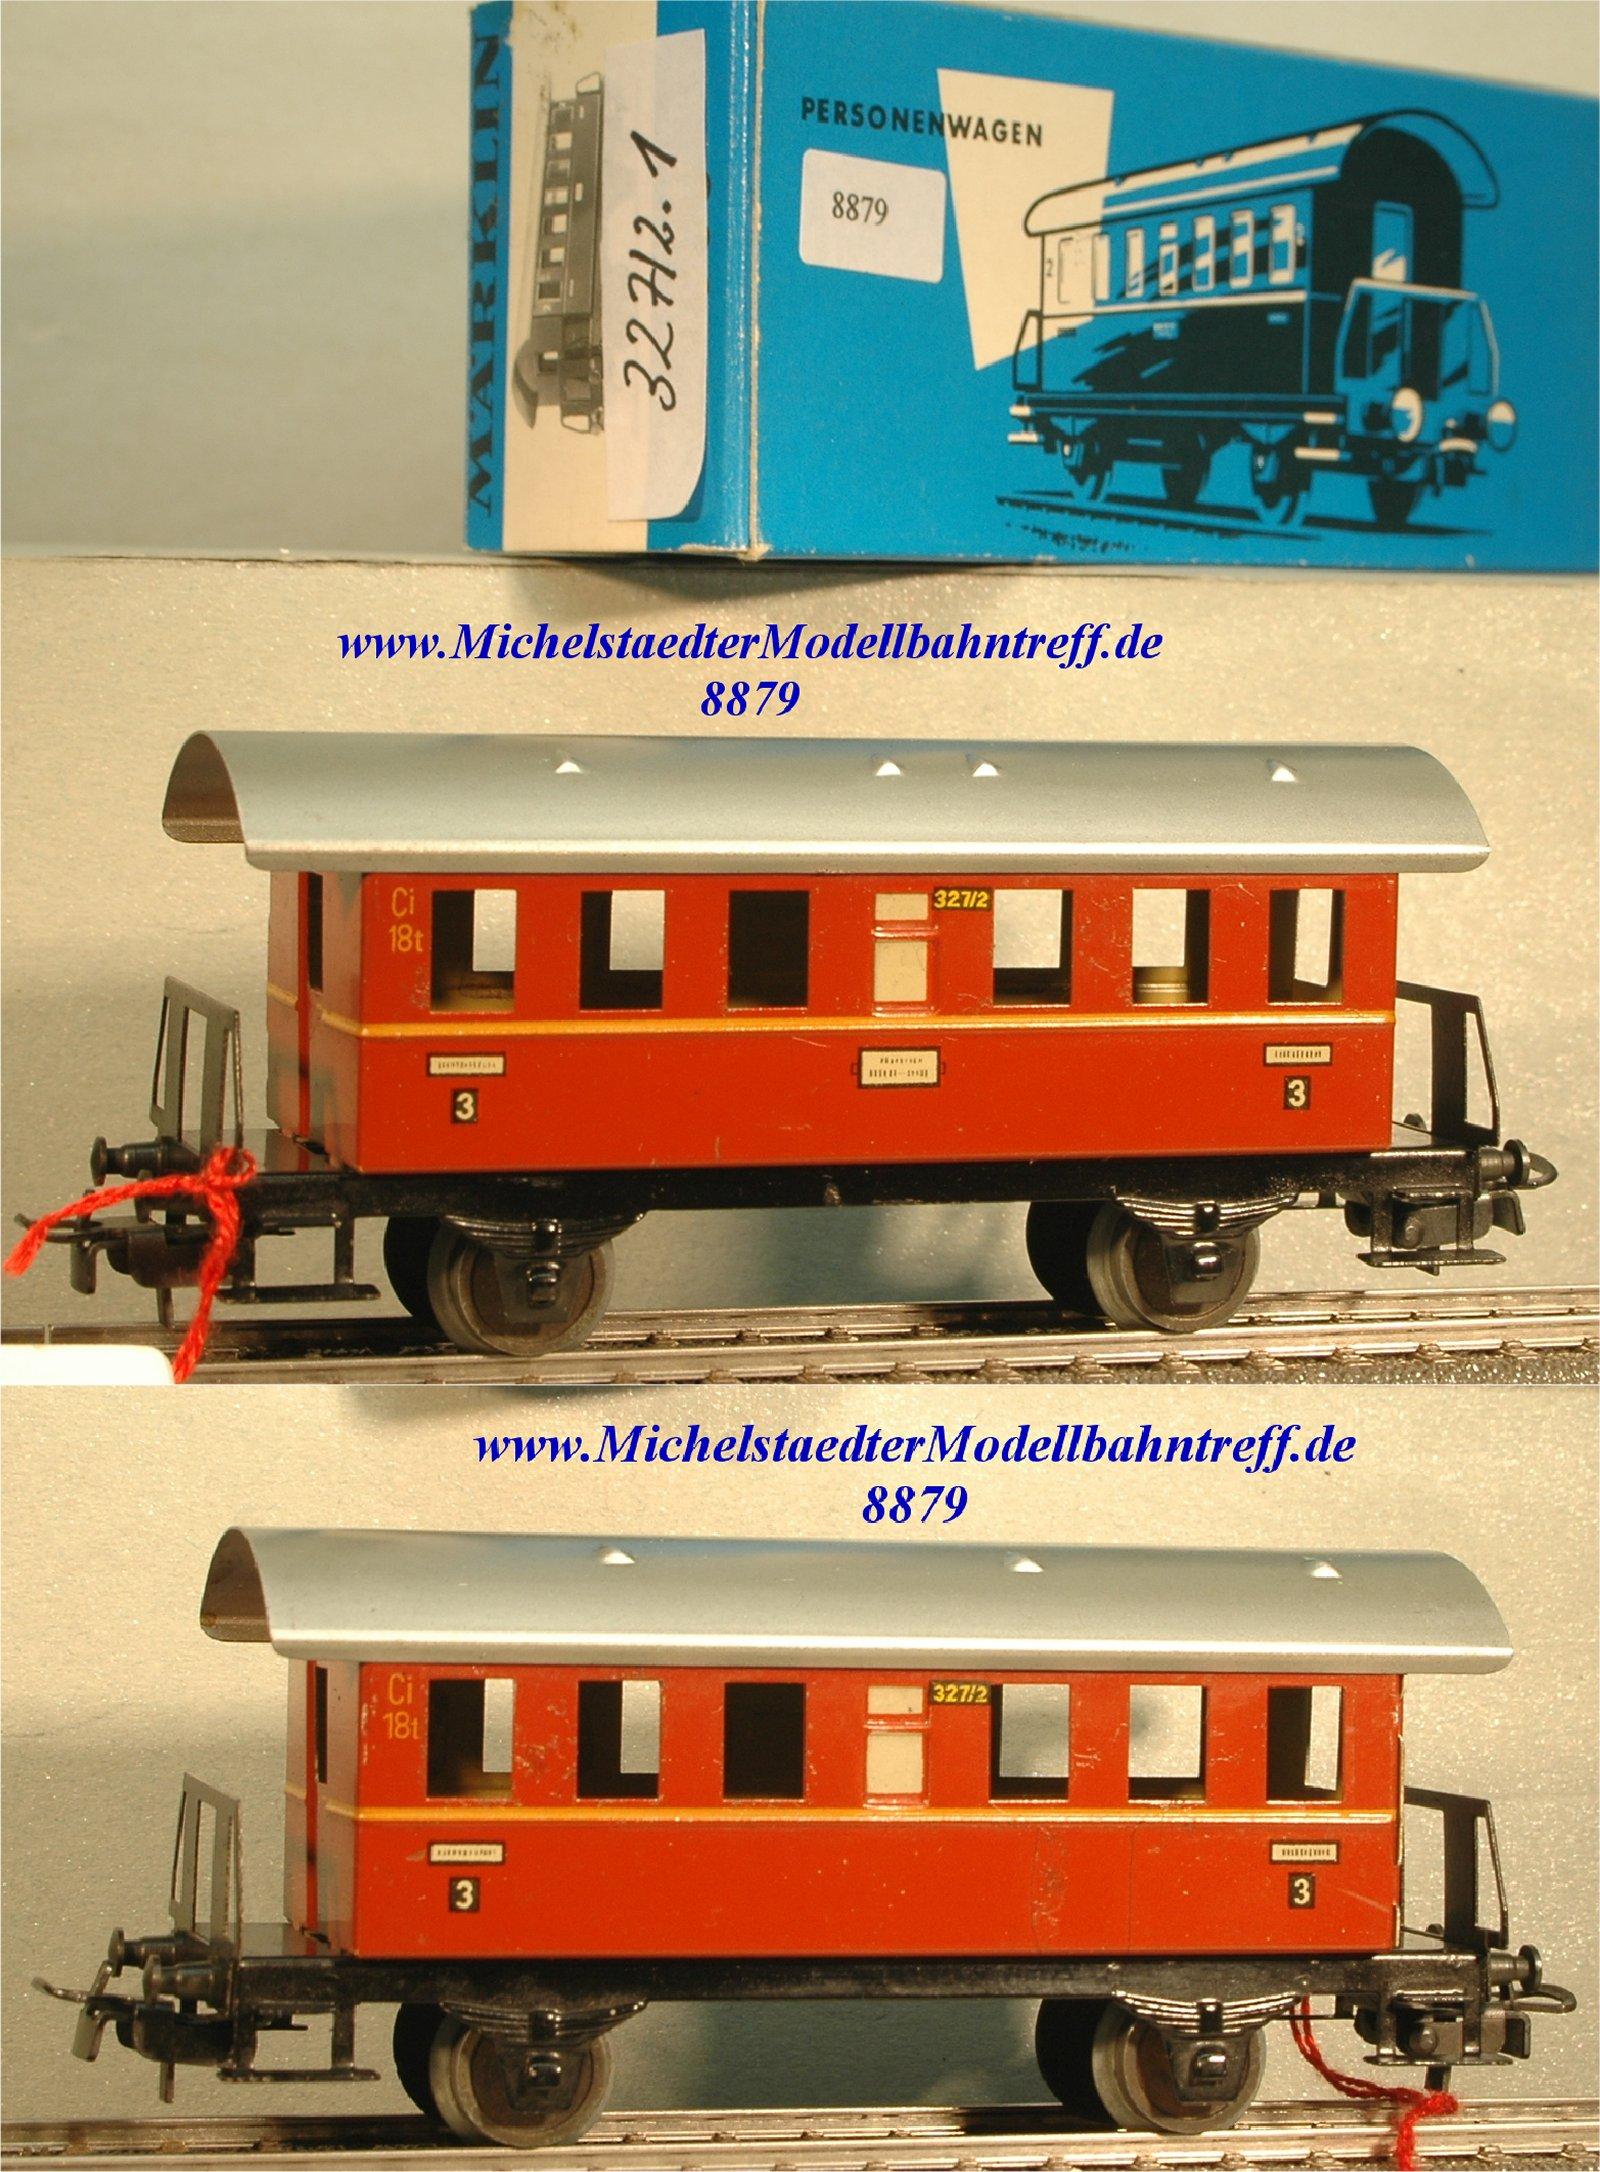 Märklin 327/2.1 Personenwagen, braunrot, 3.Kl., (8879)